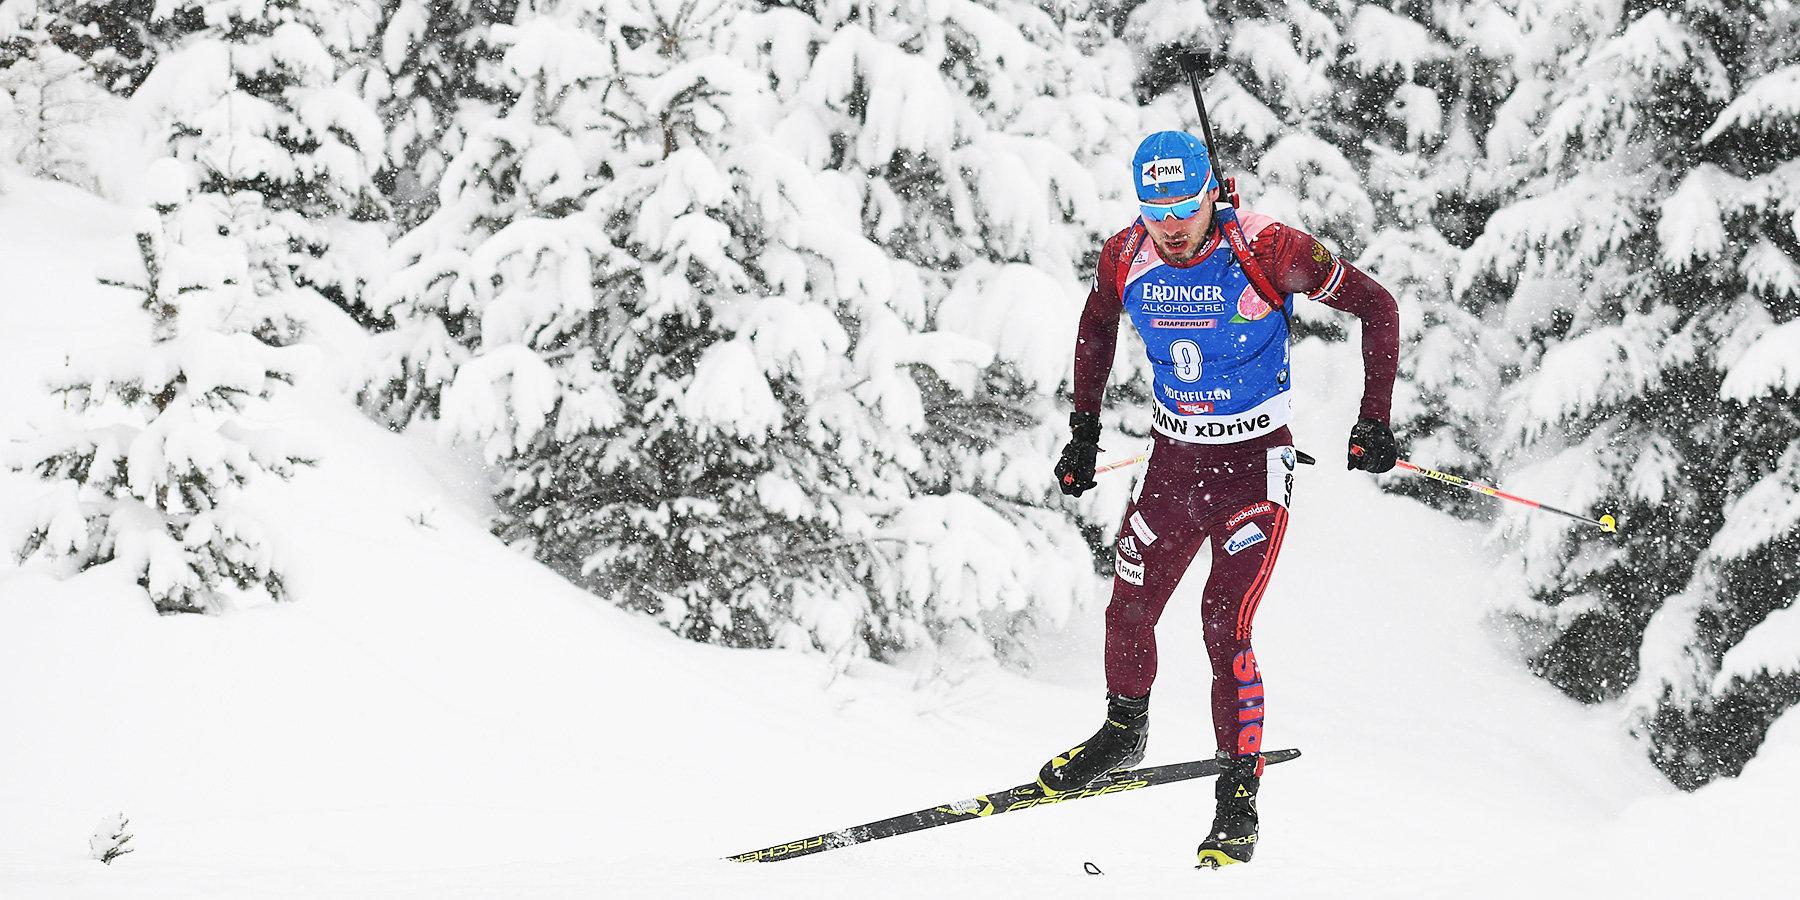 Вита Семеренко несмогла удержать призовую позицию вгонке преследования этапаКМ